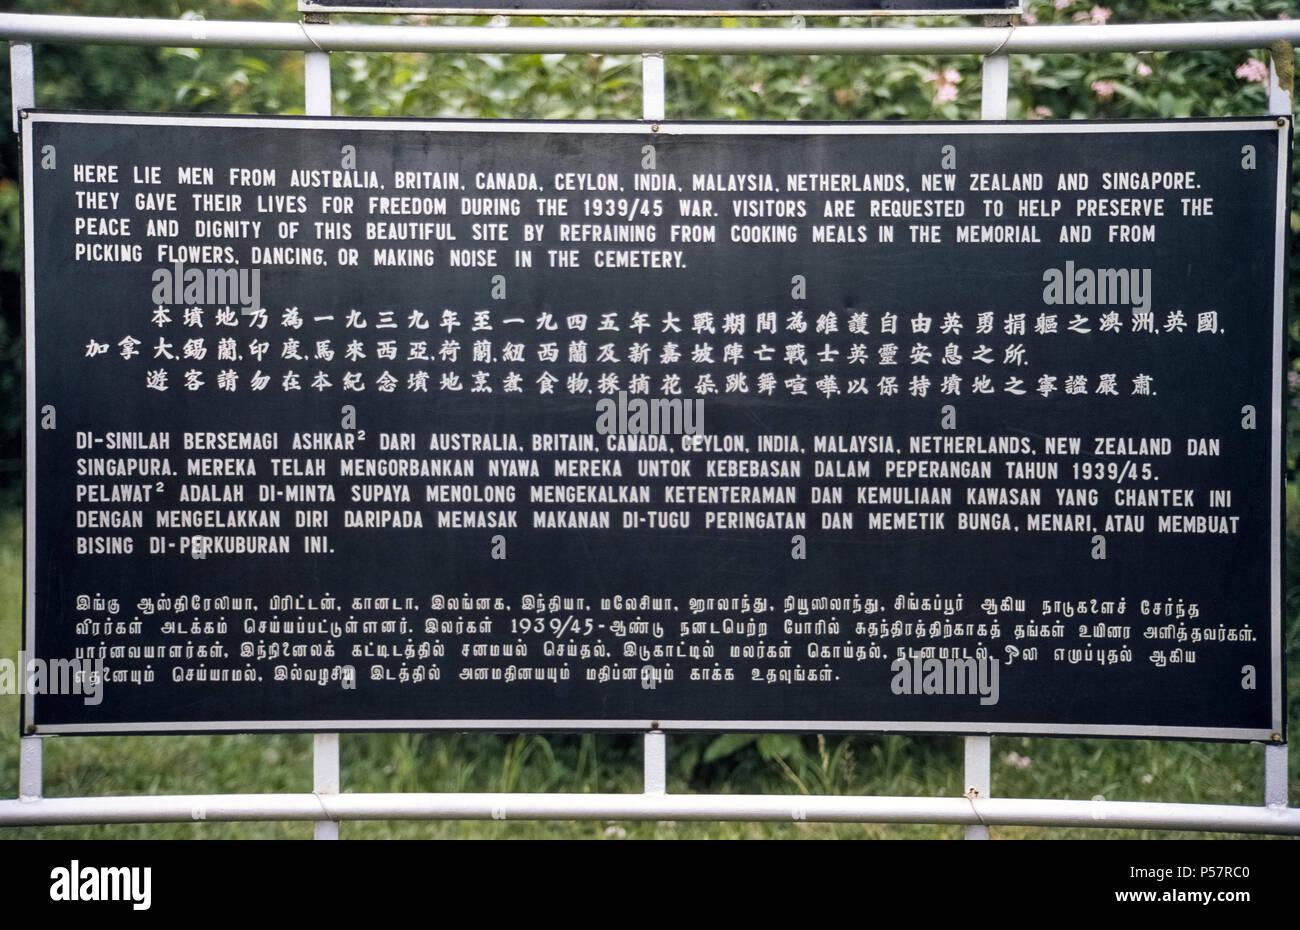 Un signe extérieur de façon inattendue en quatre langues visiteurs demande de ne pas faire cuire les repas, cueillir des fleurs, de la danse, ou faire du bruit dans le Kranji War Memorial, un cimetière hillside à Singapour qui honore les soldats de neuf nations qui ont donné leur vie dans l'exercice de leurs fonctions pendant la Seconde Guerre mondiale. Pierres tombales blanches marquer le reste de 4 461 hommes et femmes de l'Australie, la Grande-Bretagne, le Canada, de Ceylan (aujourd'hui Sri Lanka), l'Inde, Malaisie, Norvège, Nouvelle-Zélande et Singapour. Banque D'Images